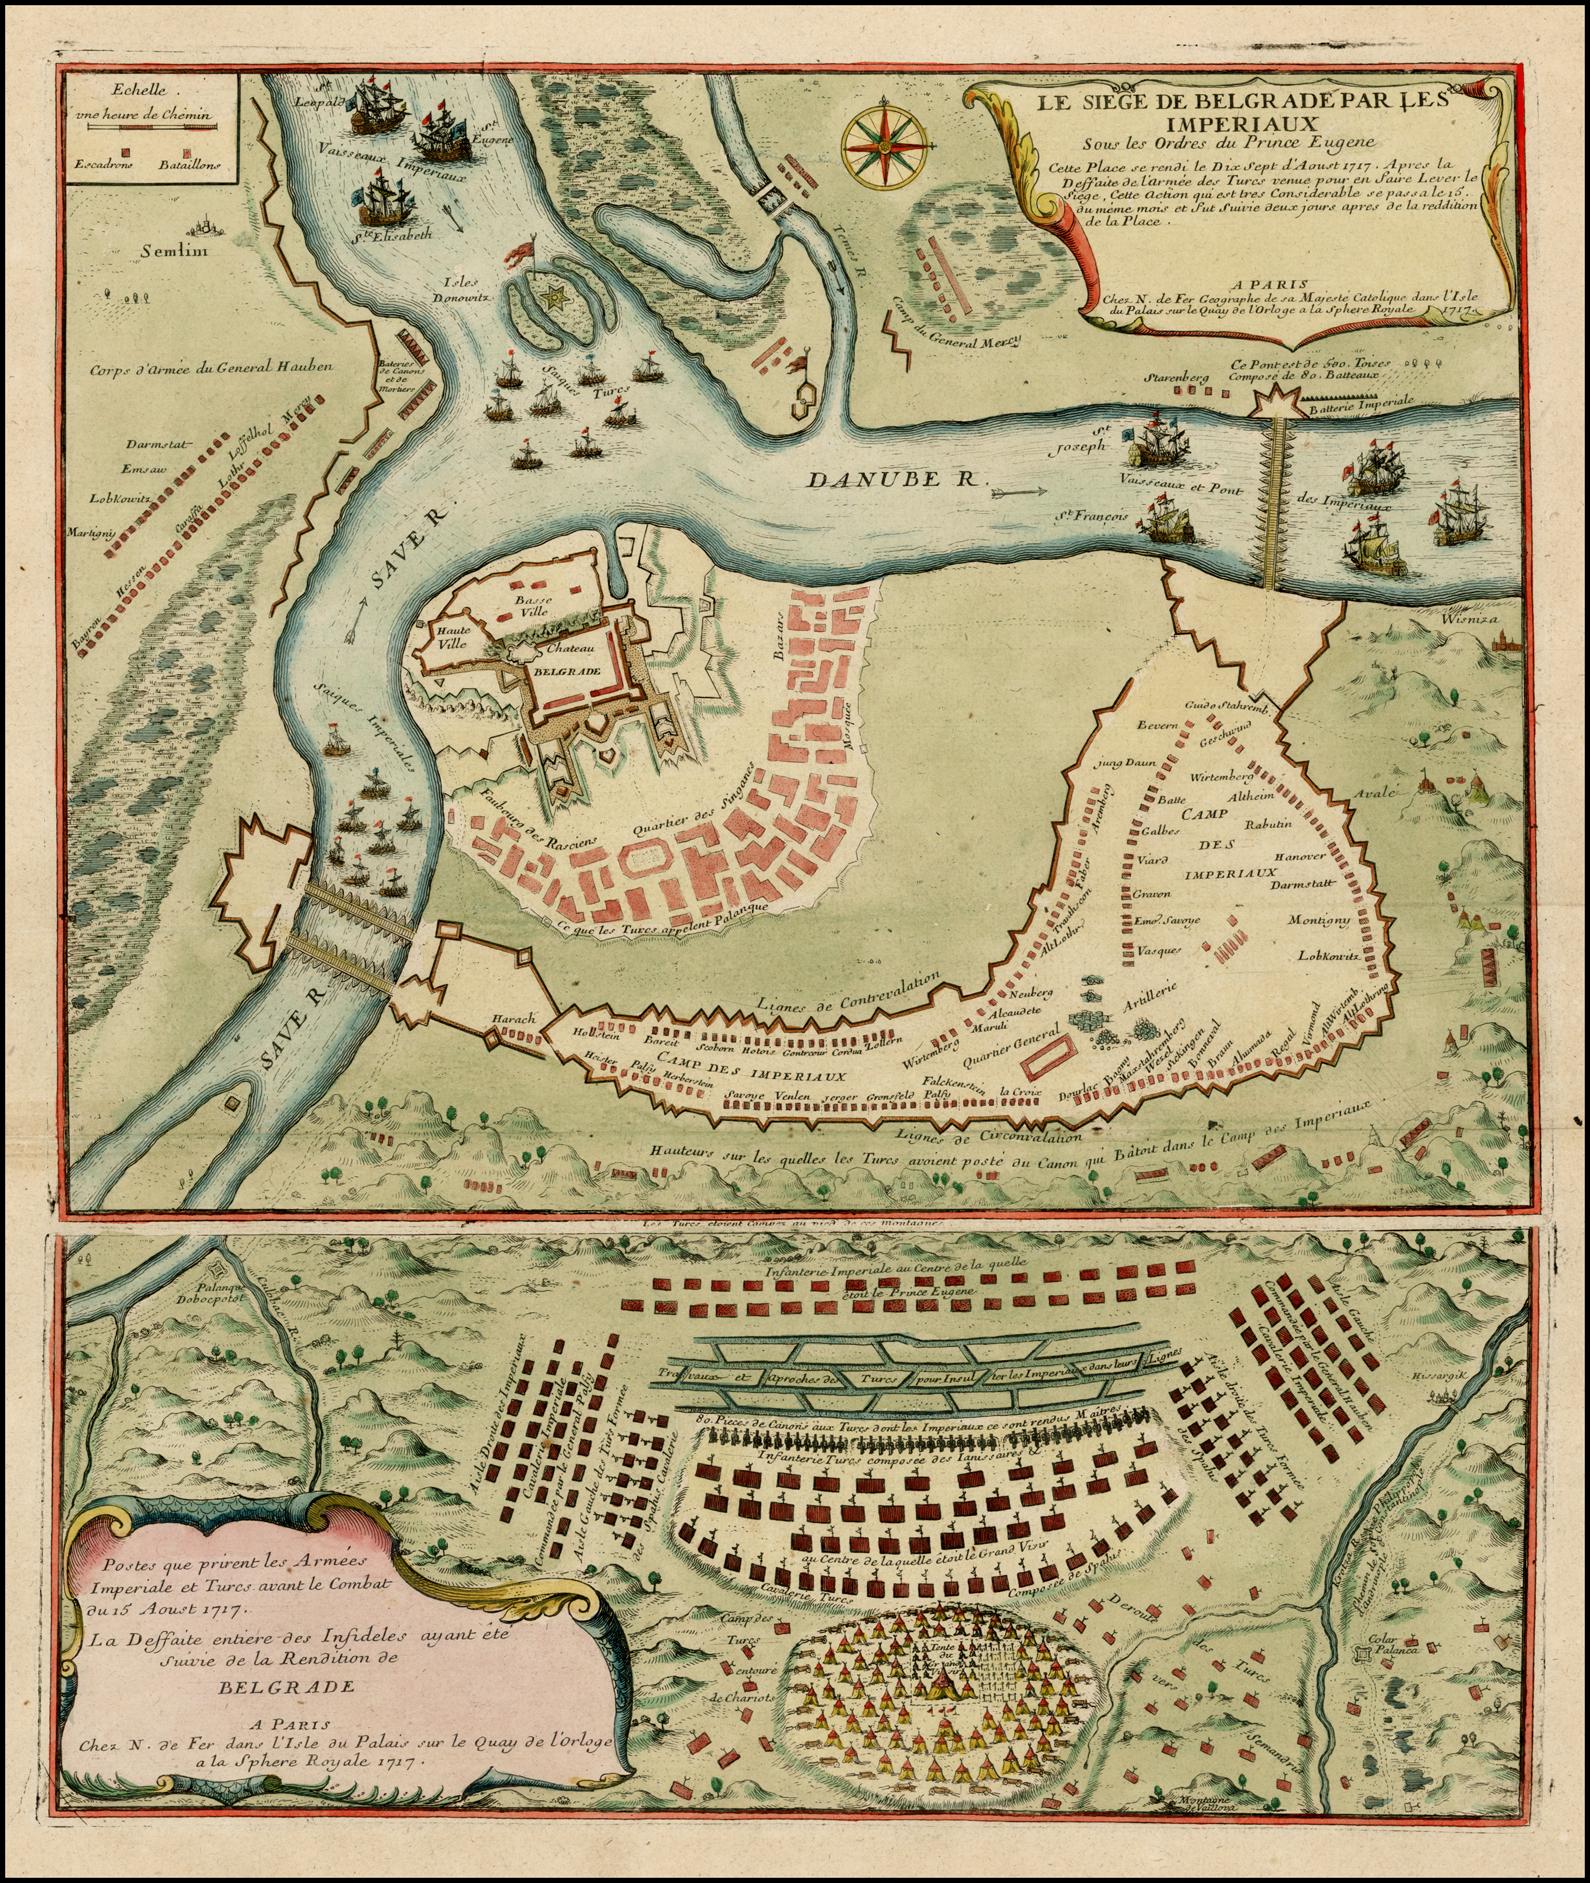 istorijski fragmenti - Page 31 29439